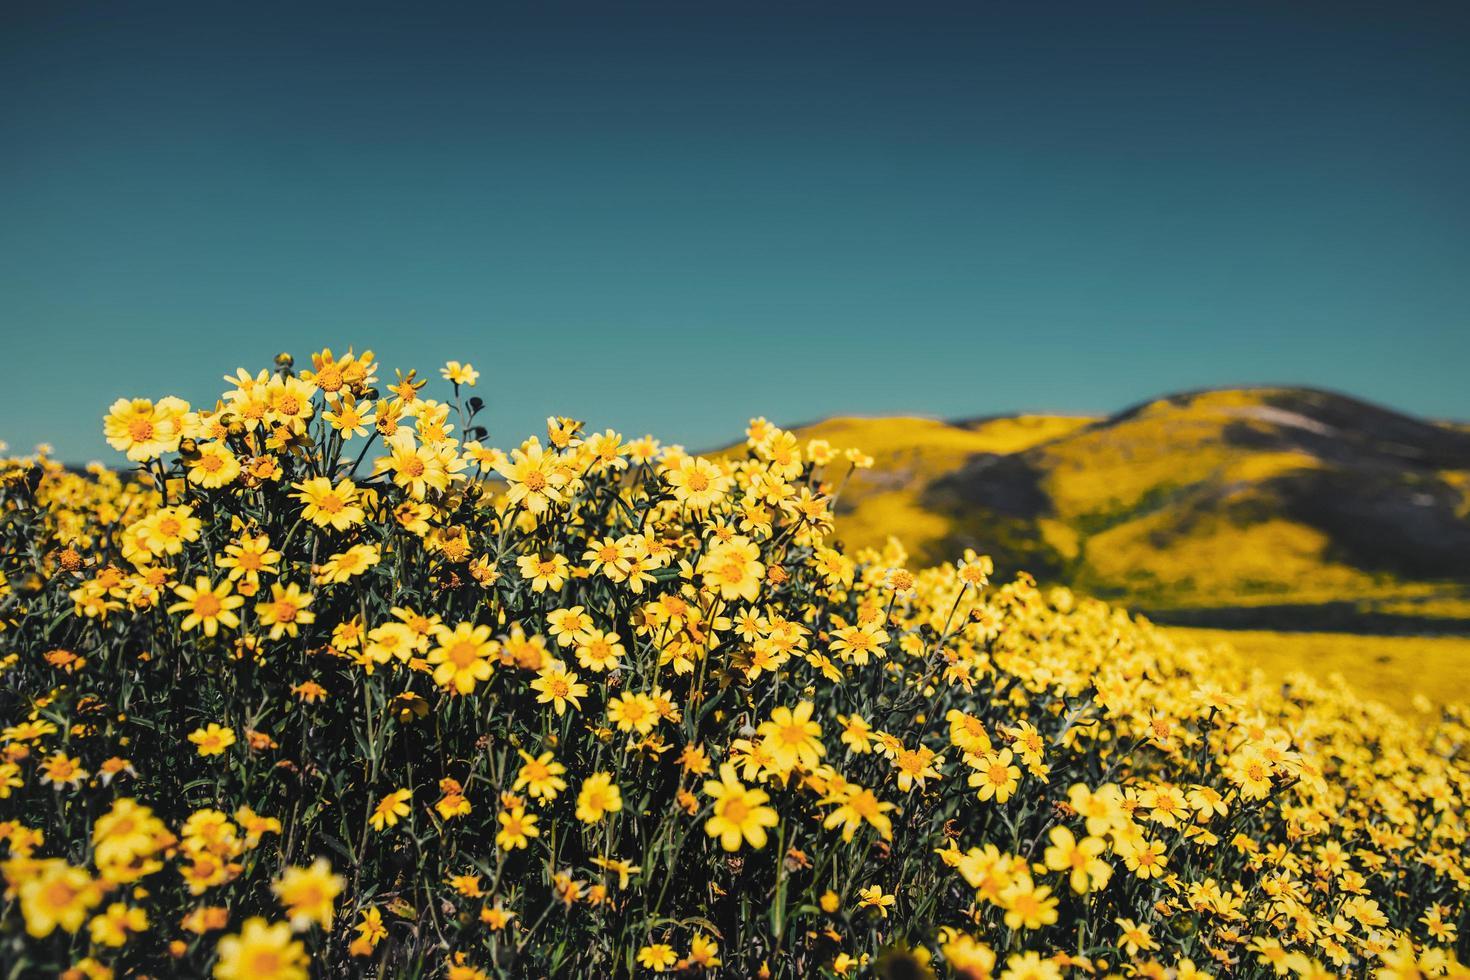 primo piano del campo di fiori gialli foto